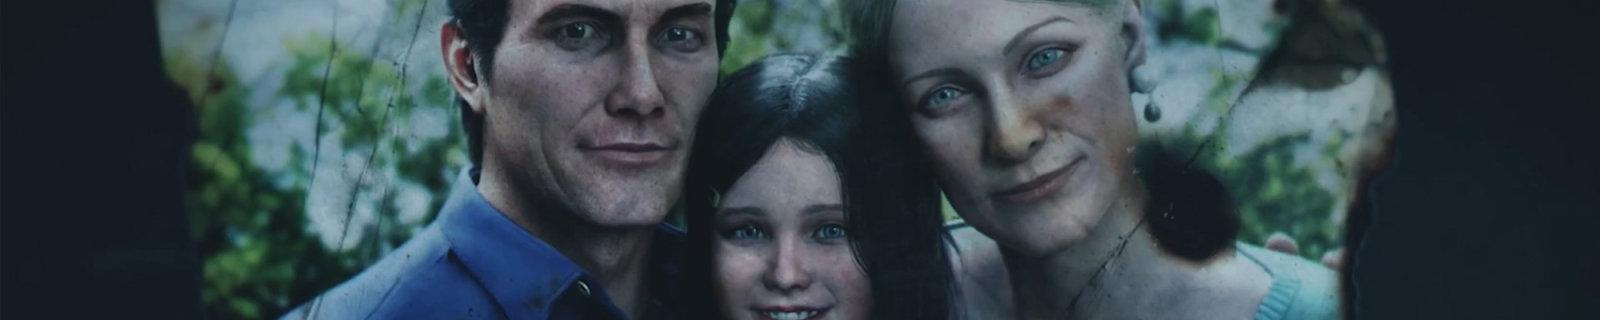 """《恶灵附身2》新预告""""生存""""公开"""